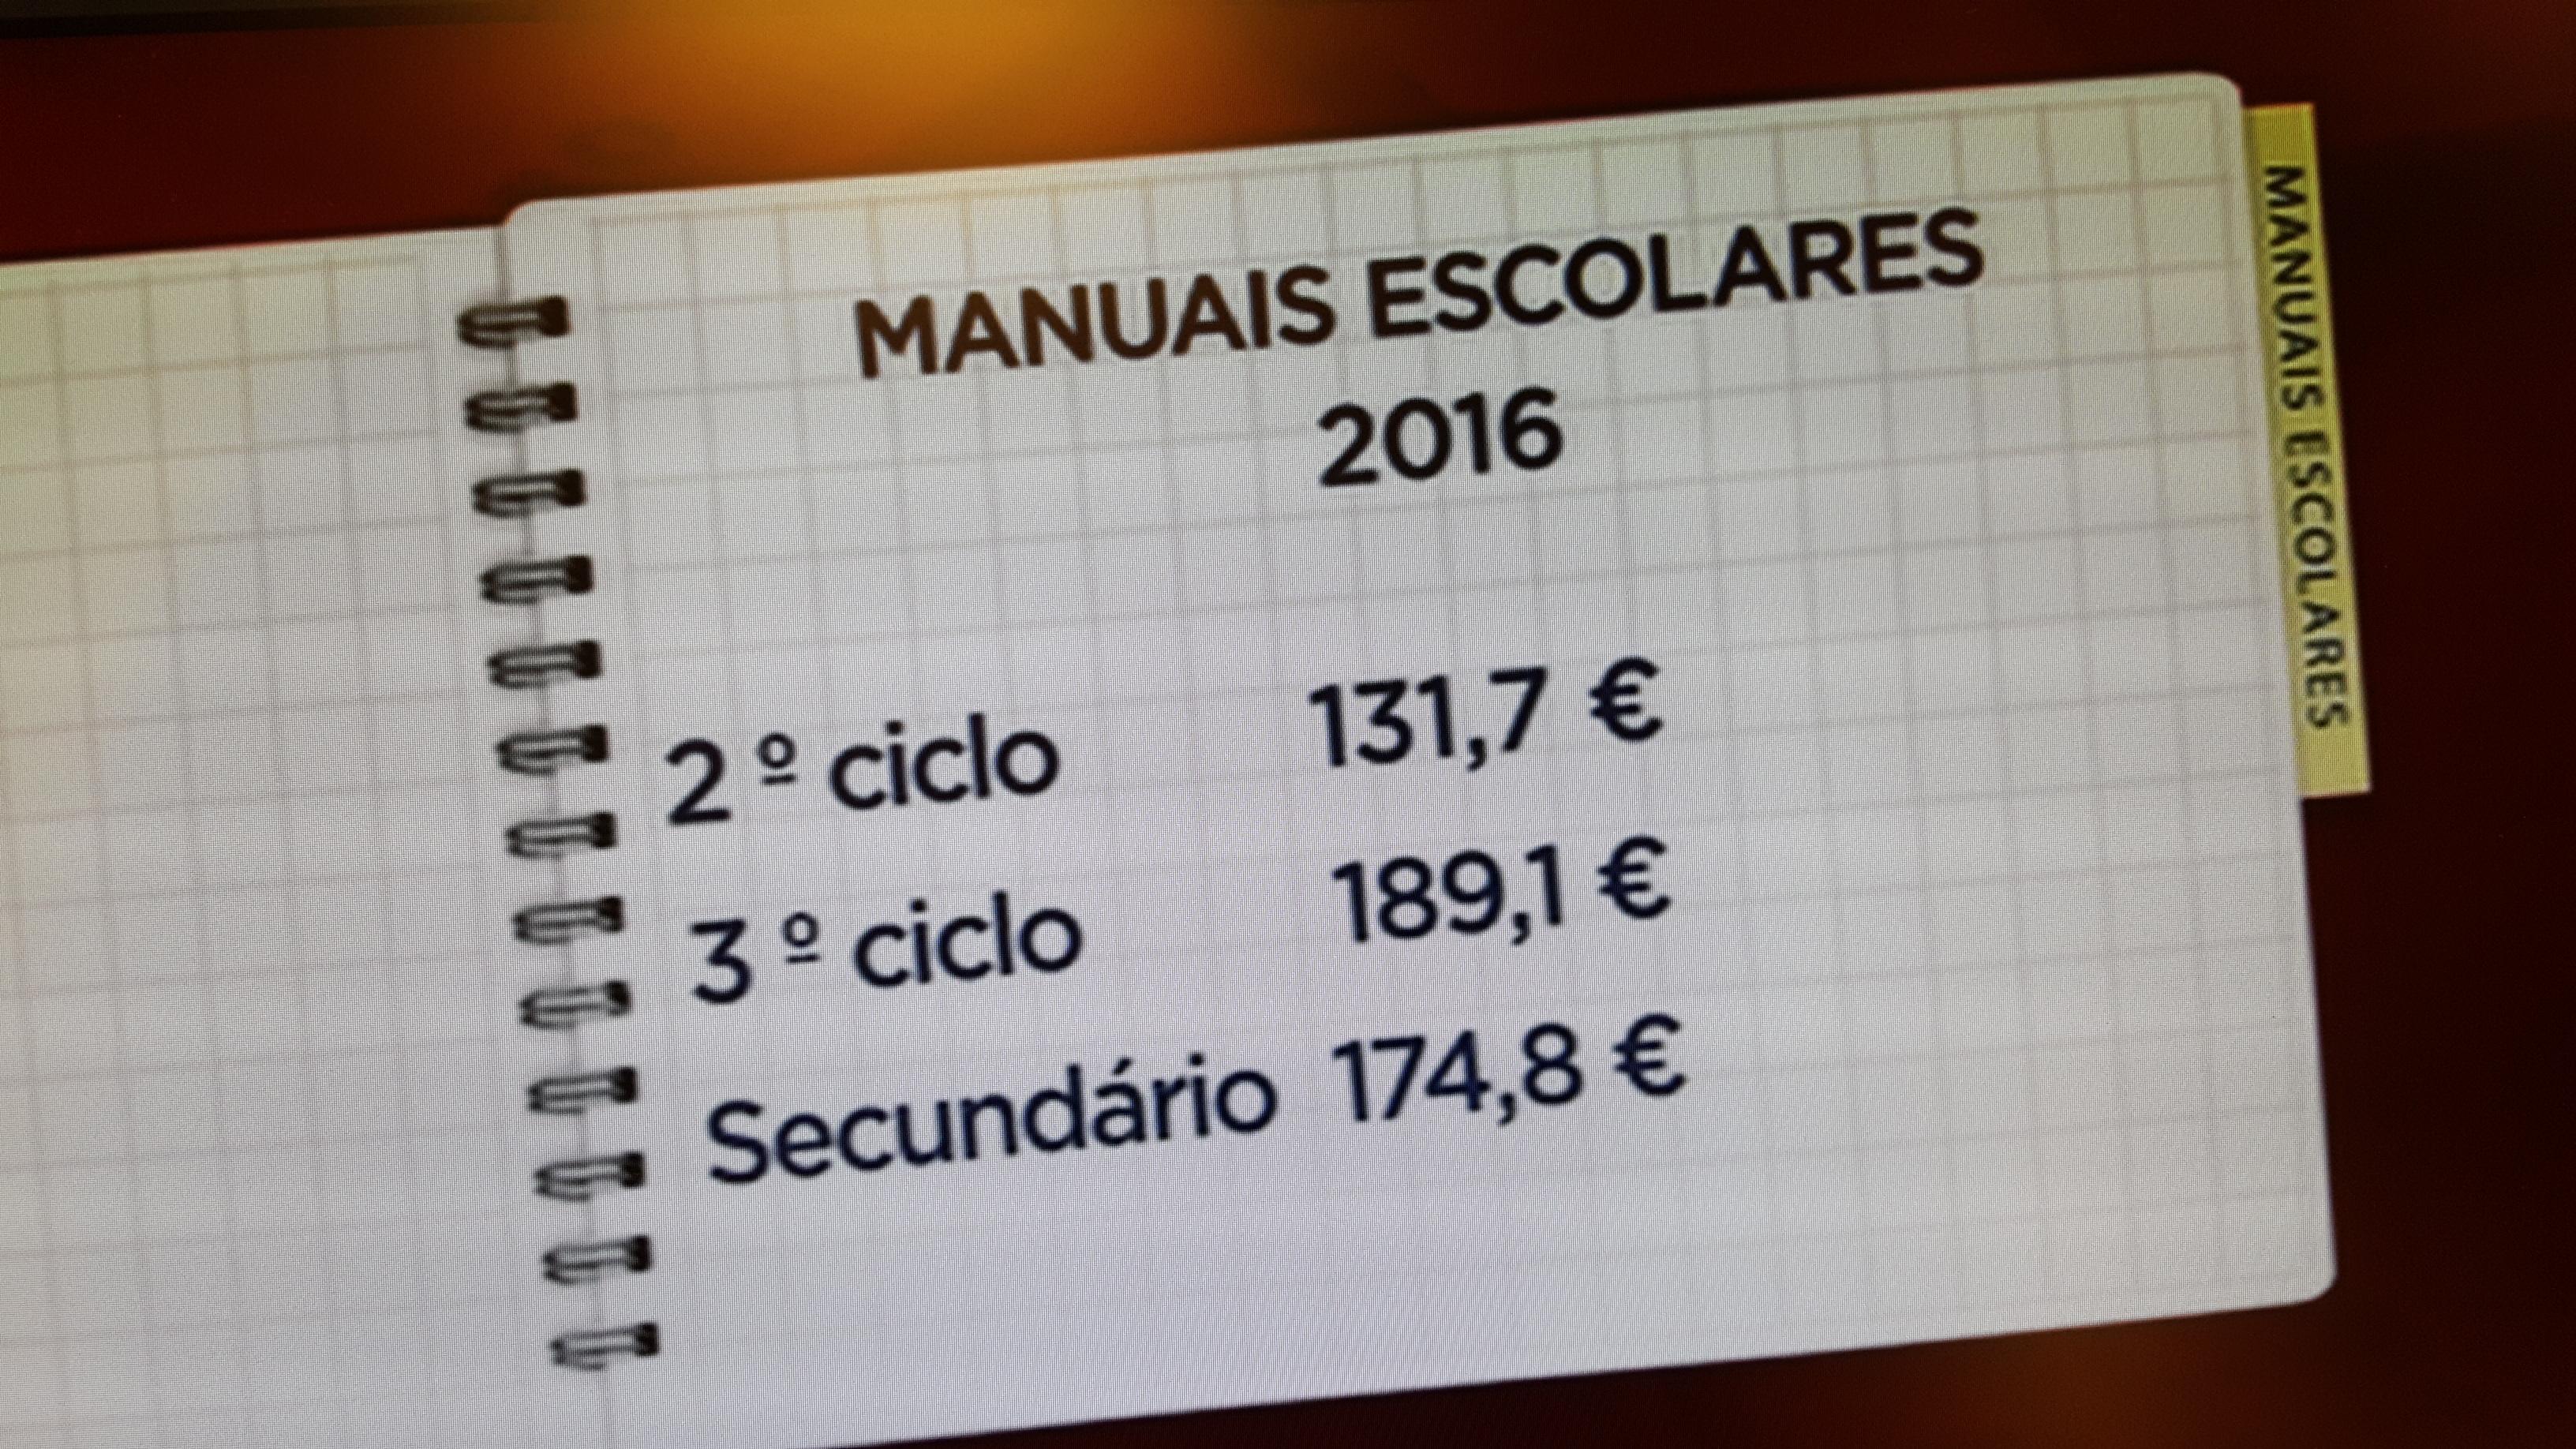 Preços dos manuais escolares 2016